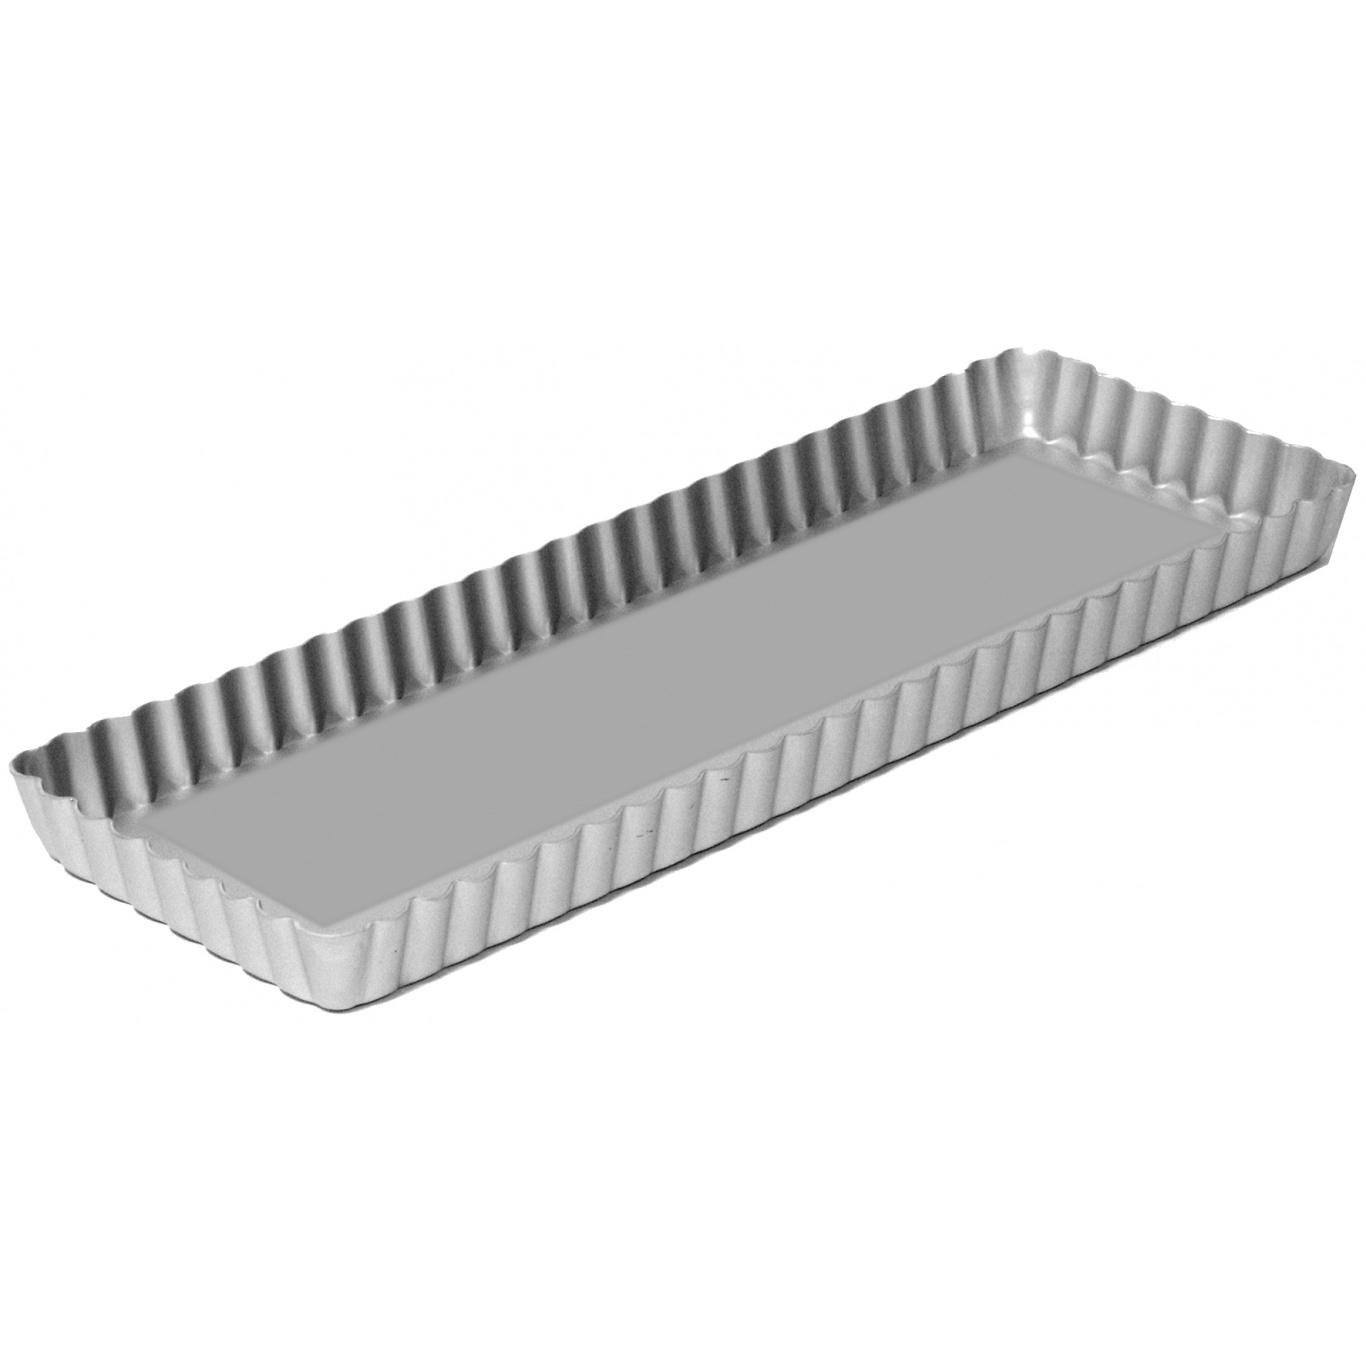 Image of Silverwood Tarte Maison Loose Base 14 x 5ins/35.5 x 12.75cm